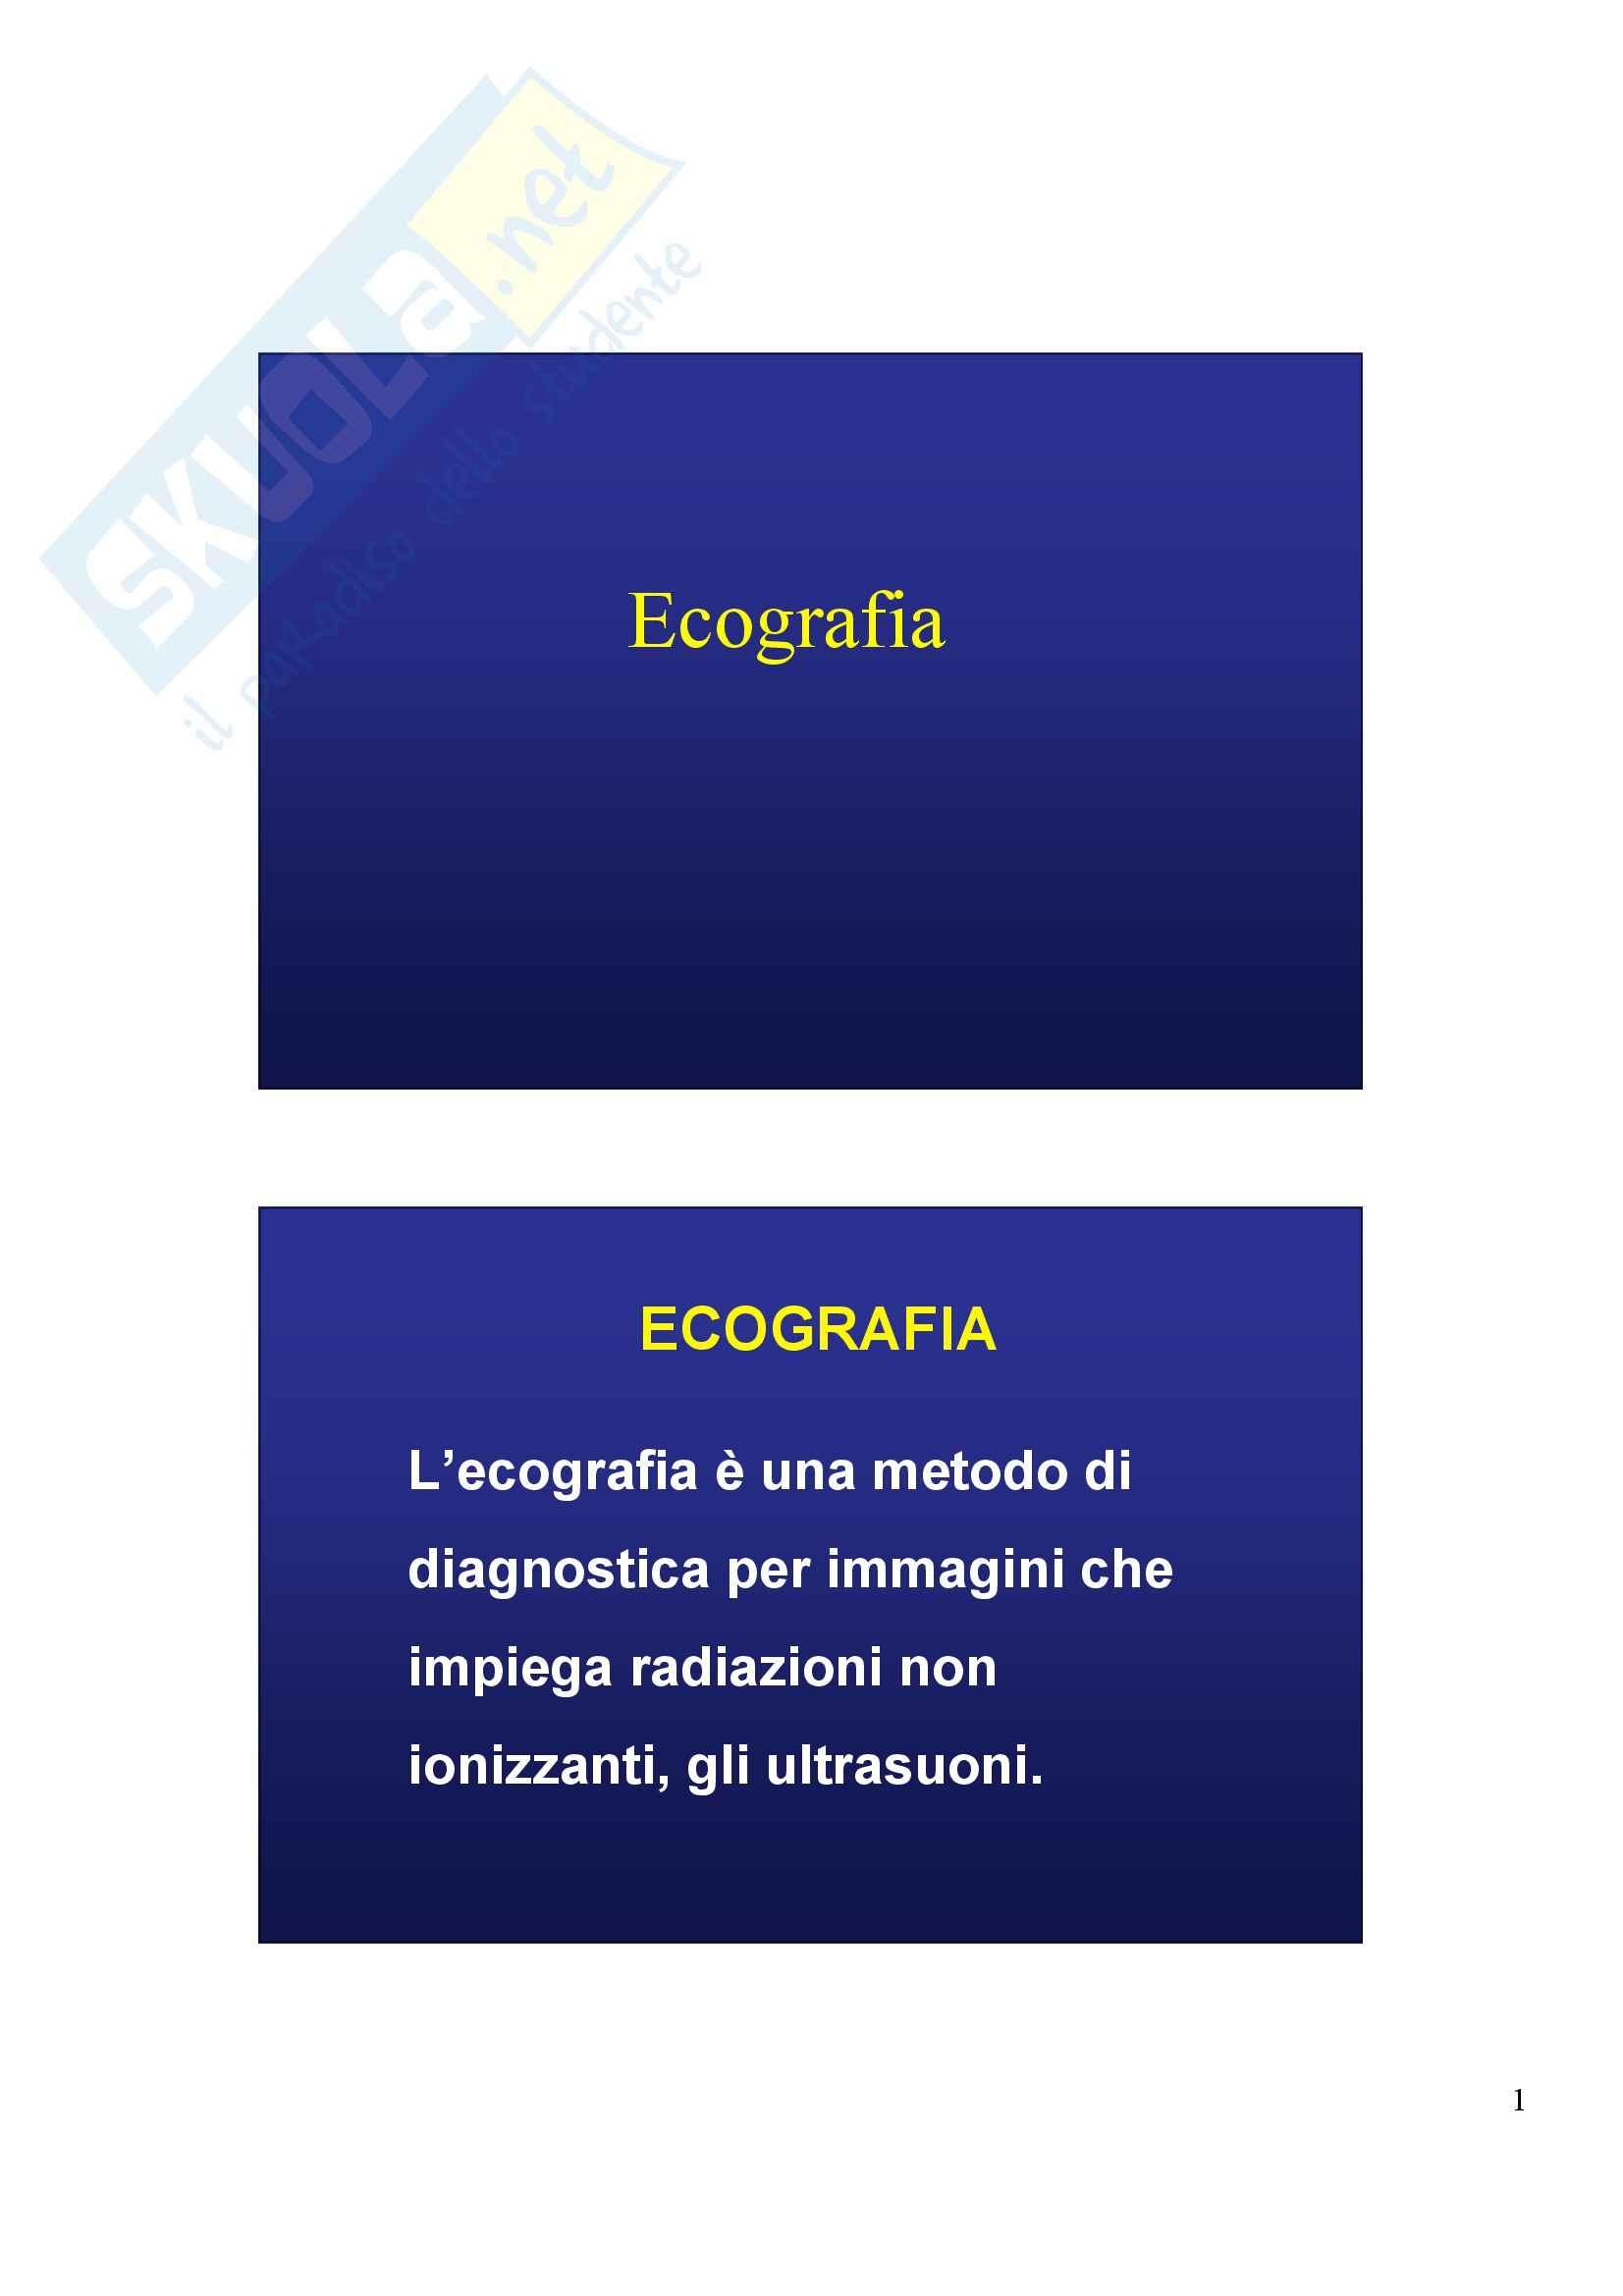 Diagnostica per immagini - Ecografia